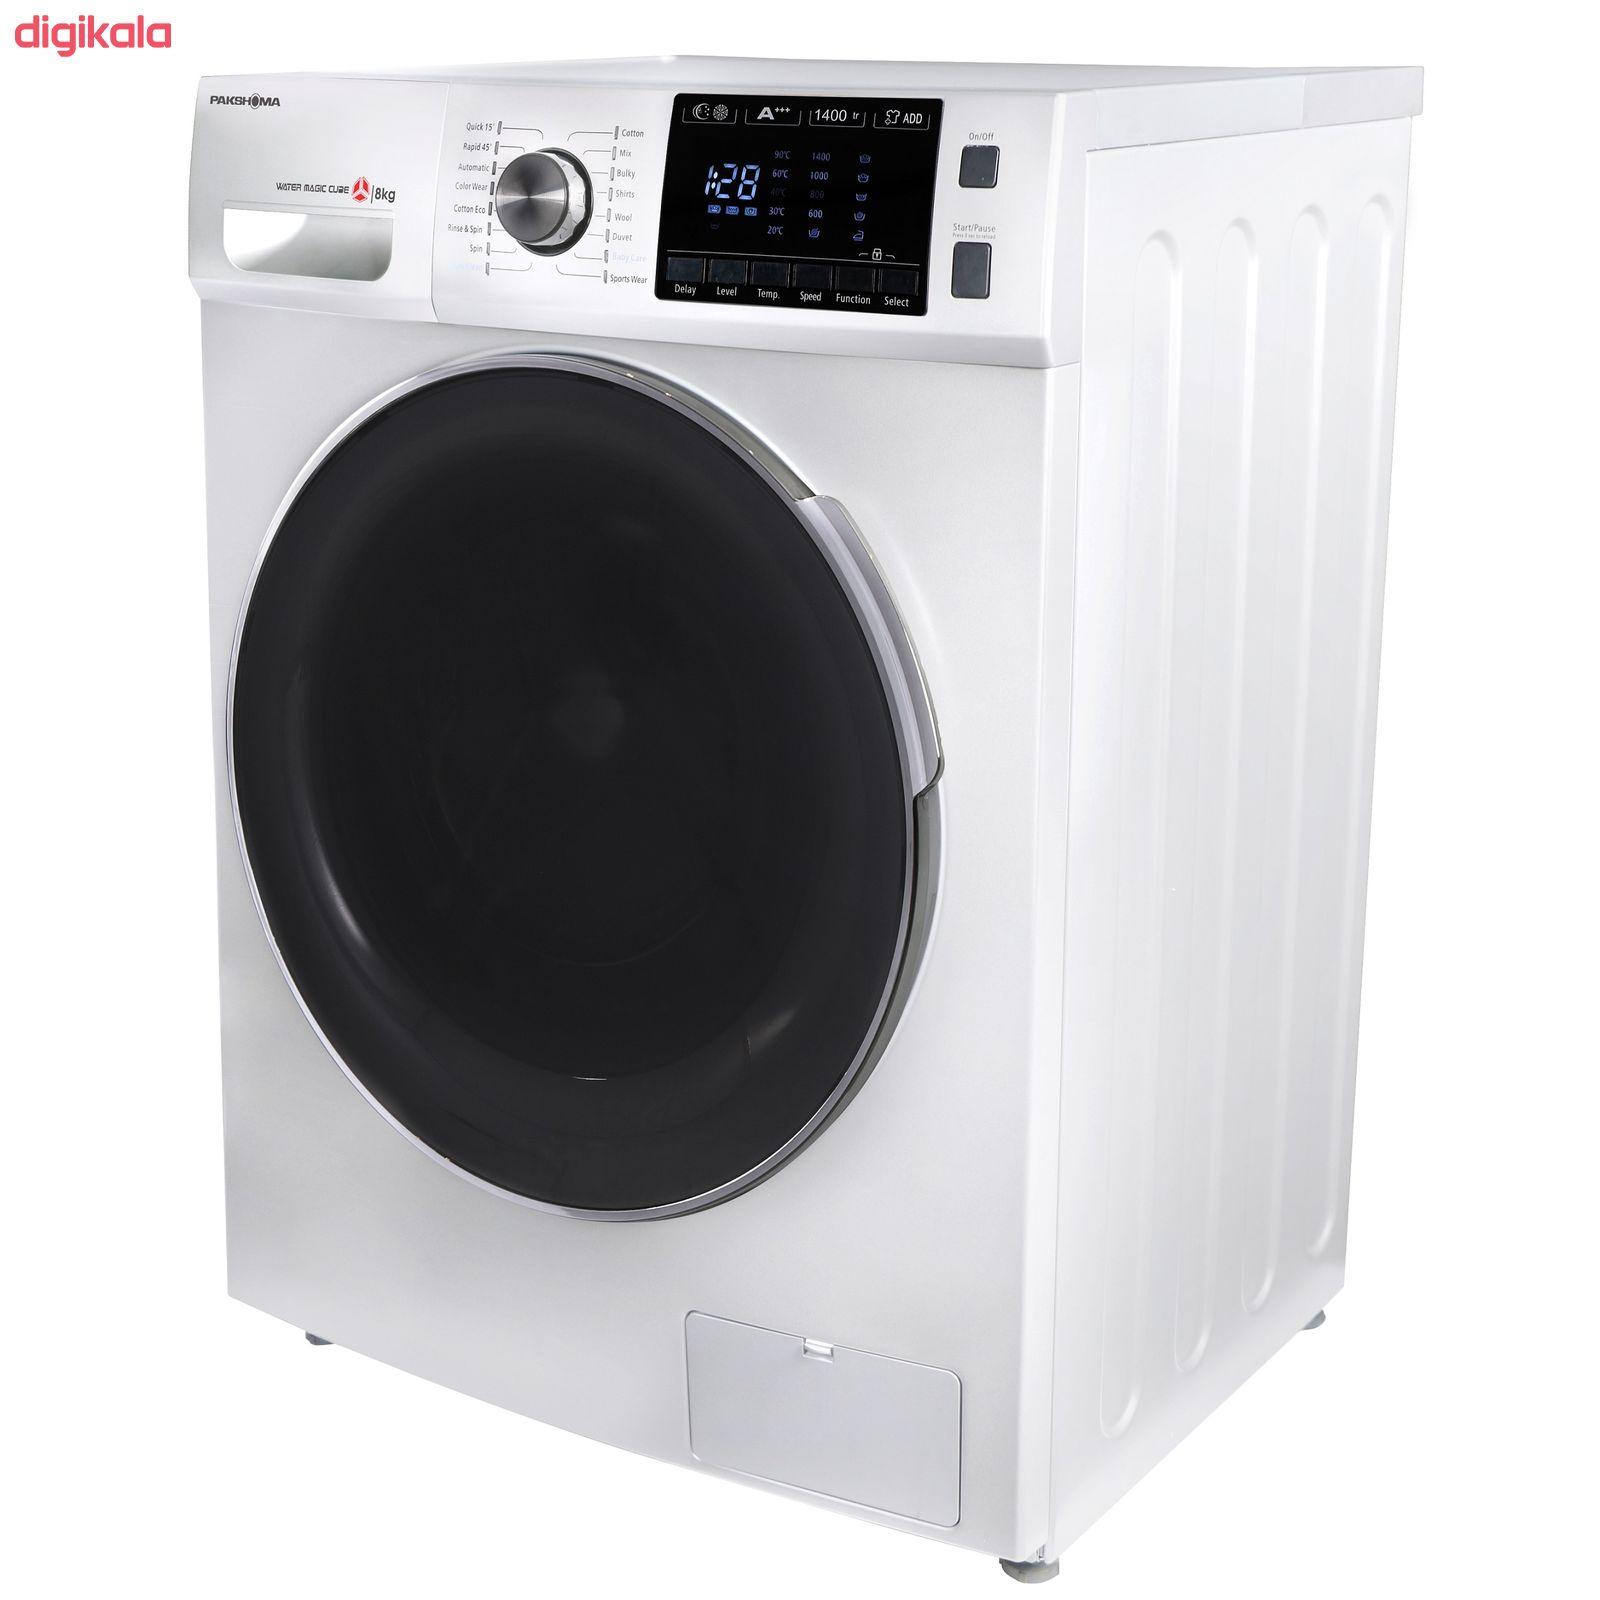 ماشین لباسشویی پاکشوما مدل TFU-84406 ظرفیت 8 کیلوگرم main 1 4